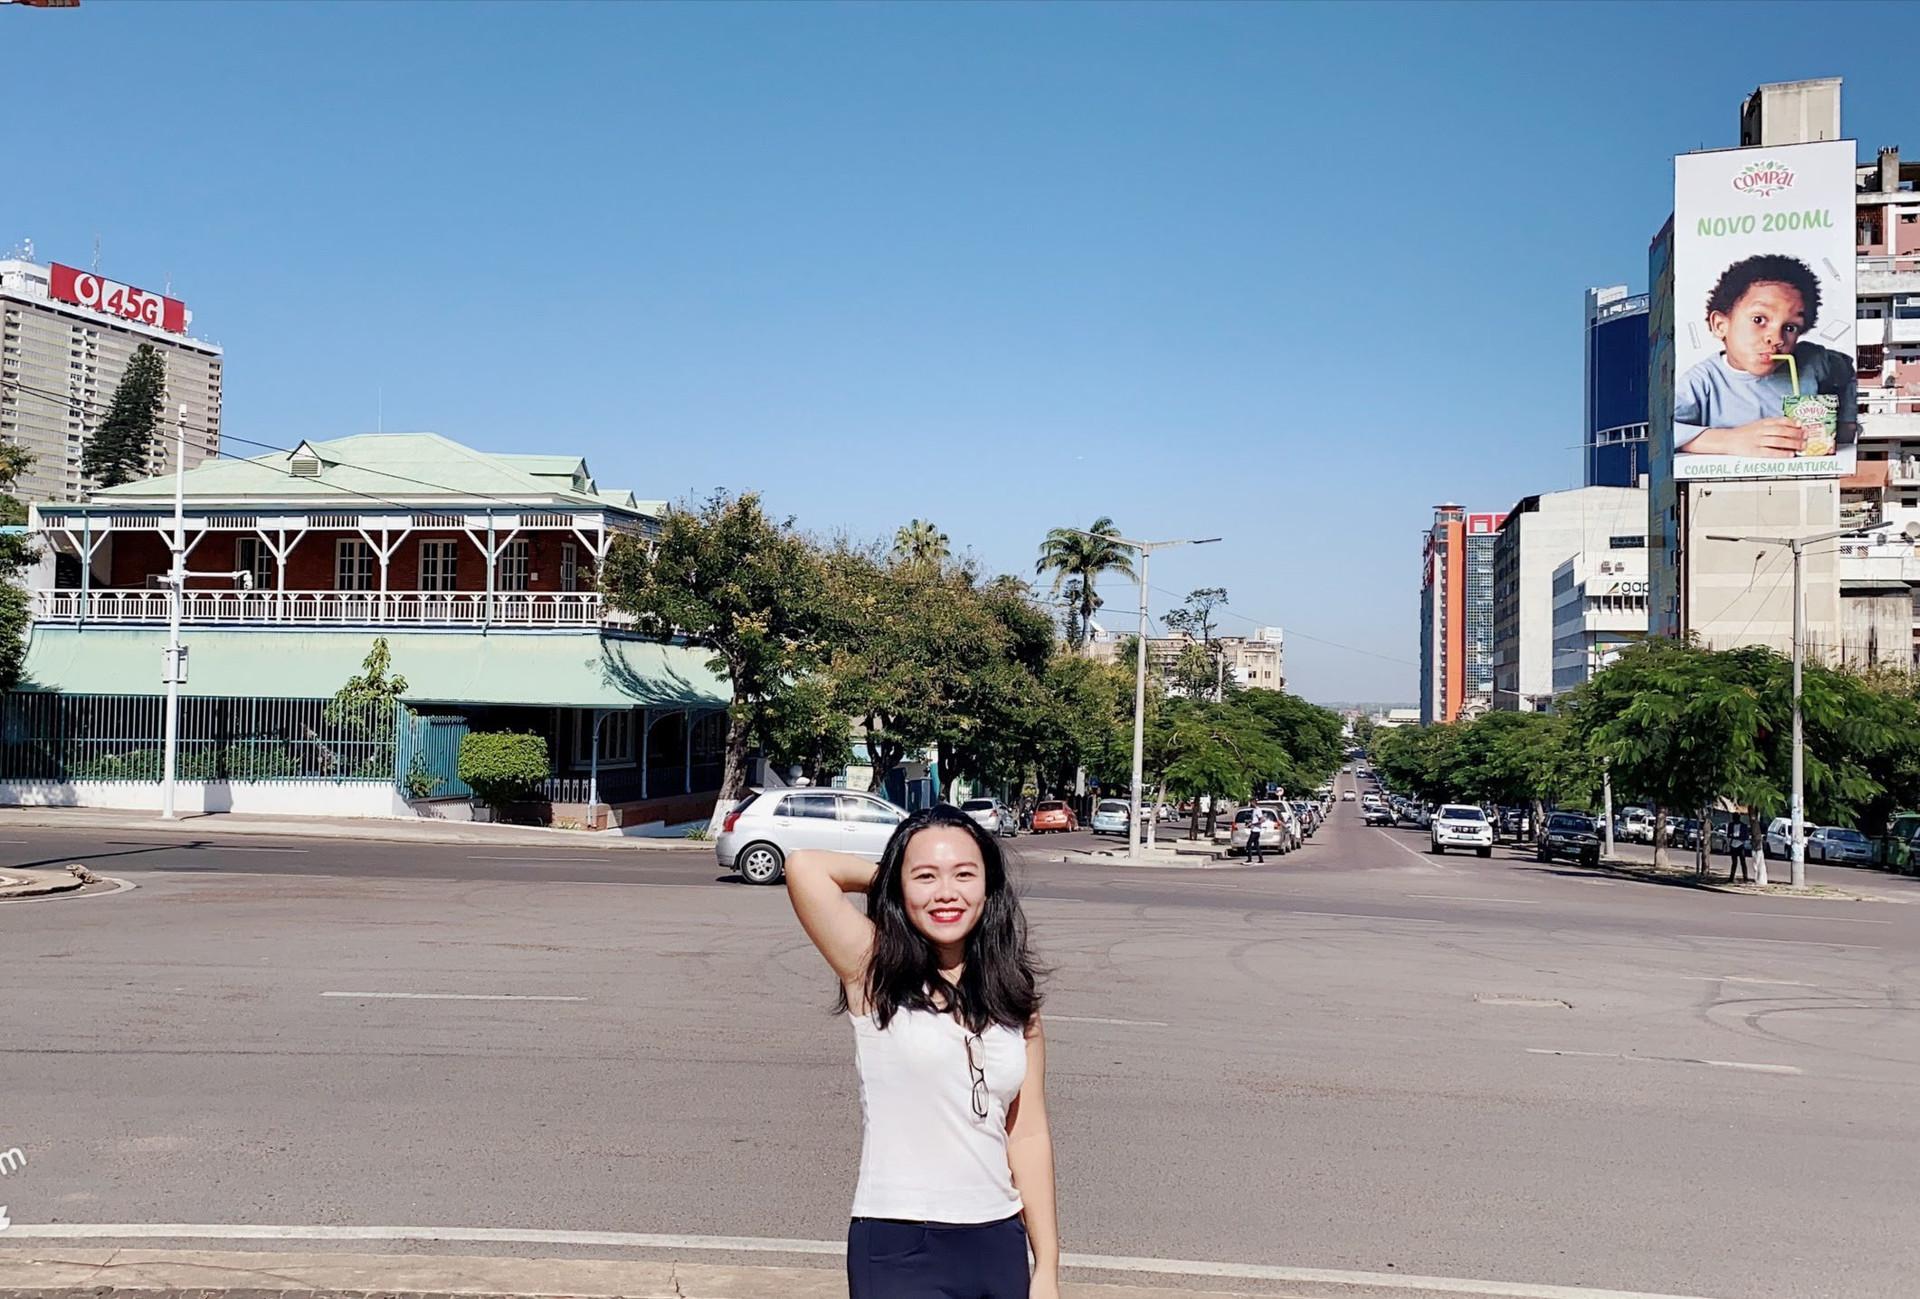 14 tháng du lịch 7 nước, cô gái Việt kể trải nghiệm cảm giác 'cận kề cái chết' - 1